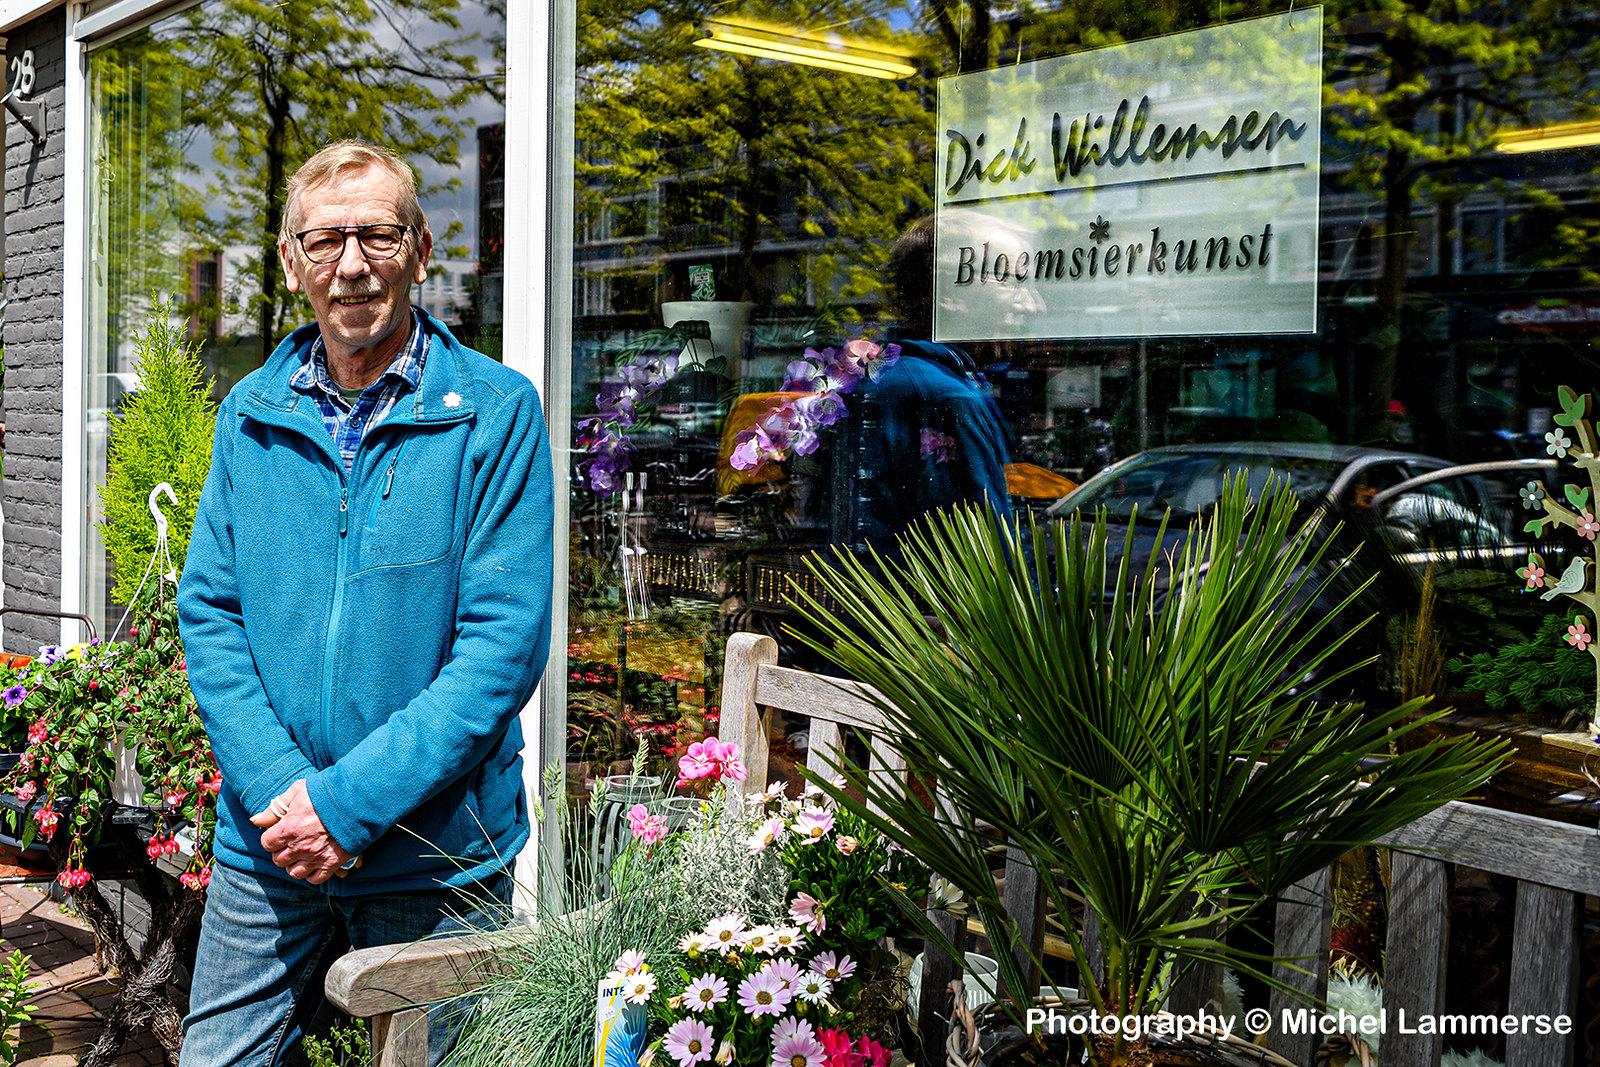 Dick Willemsen